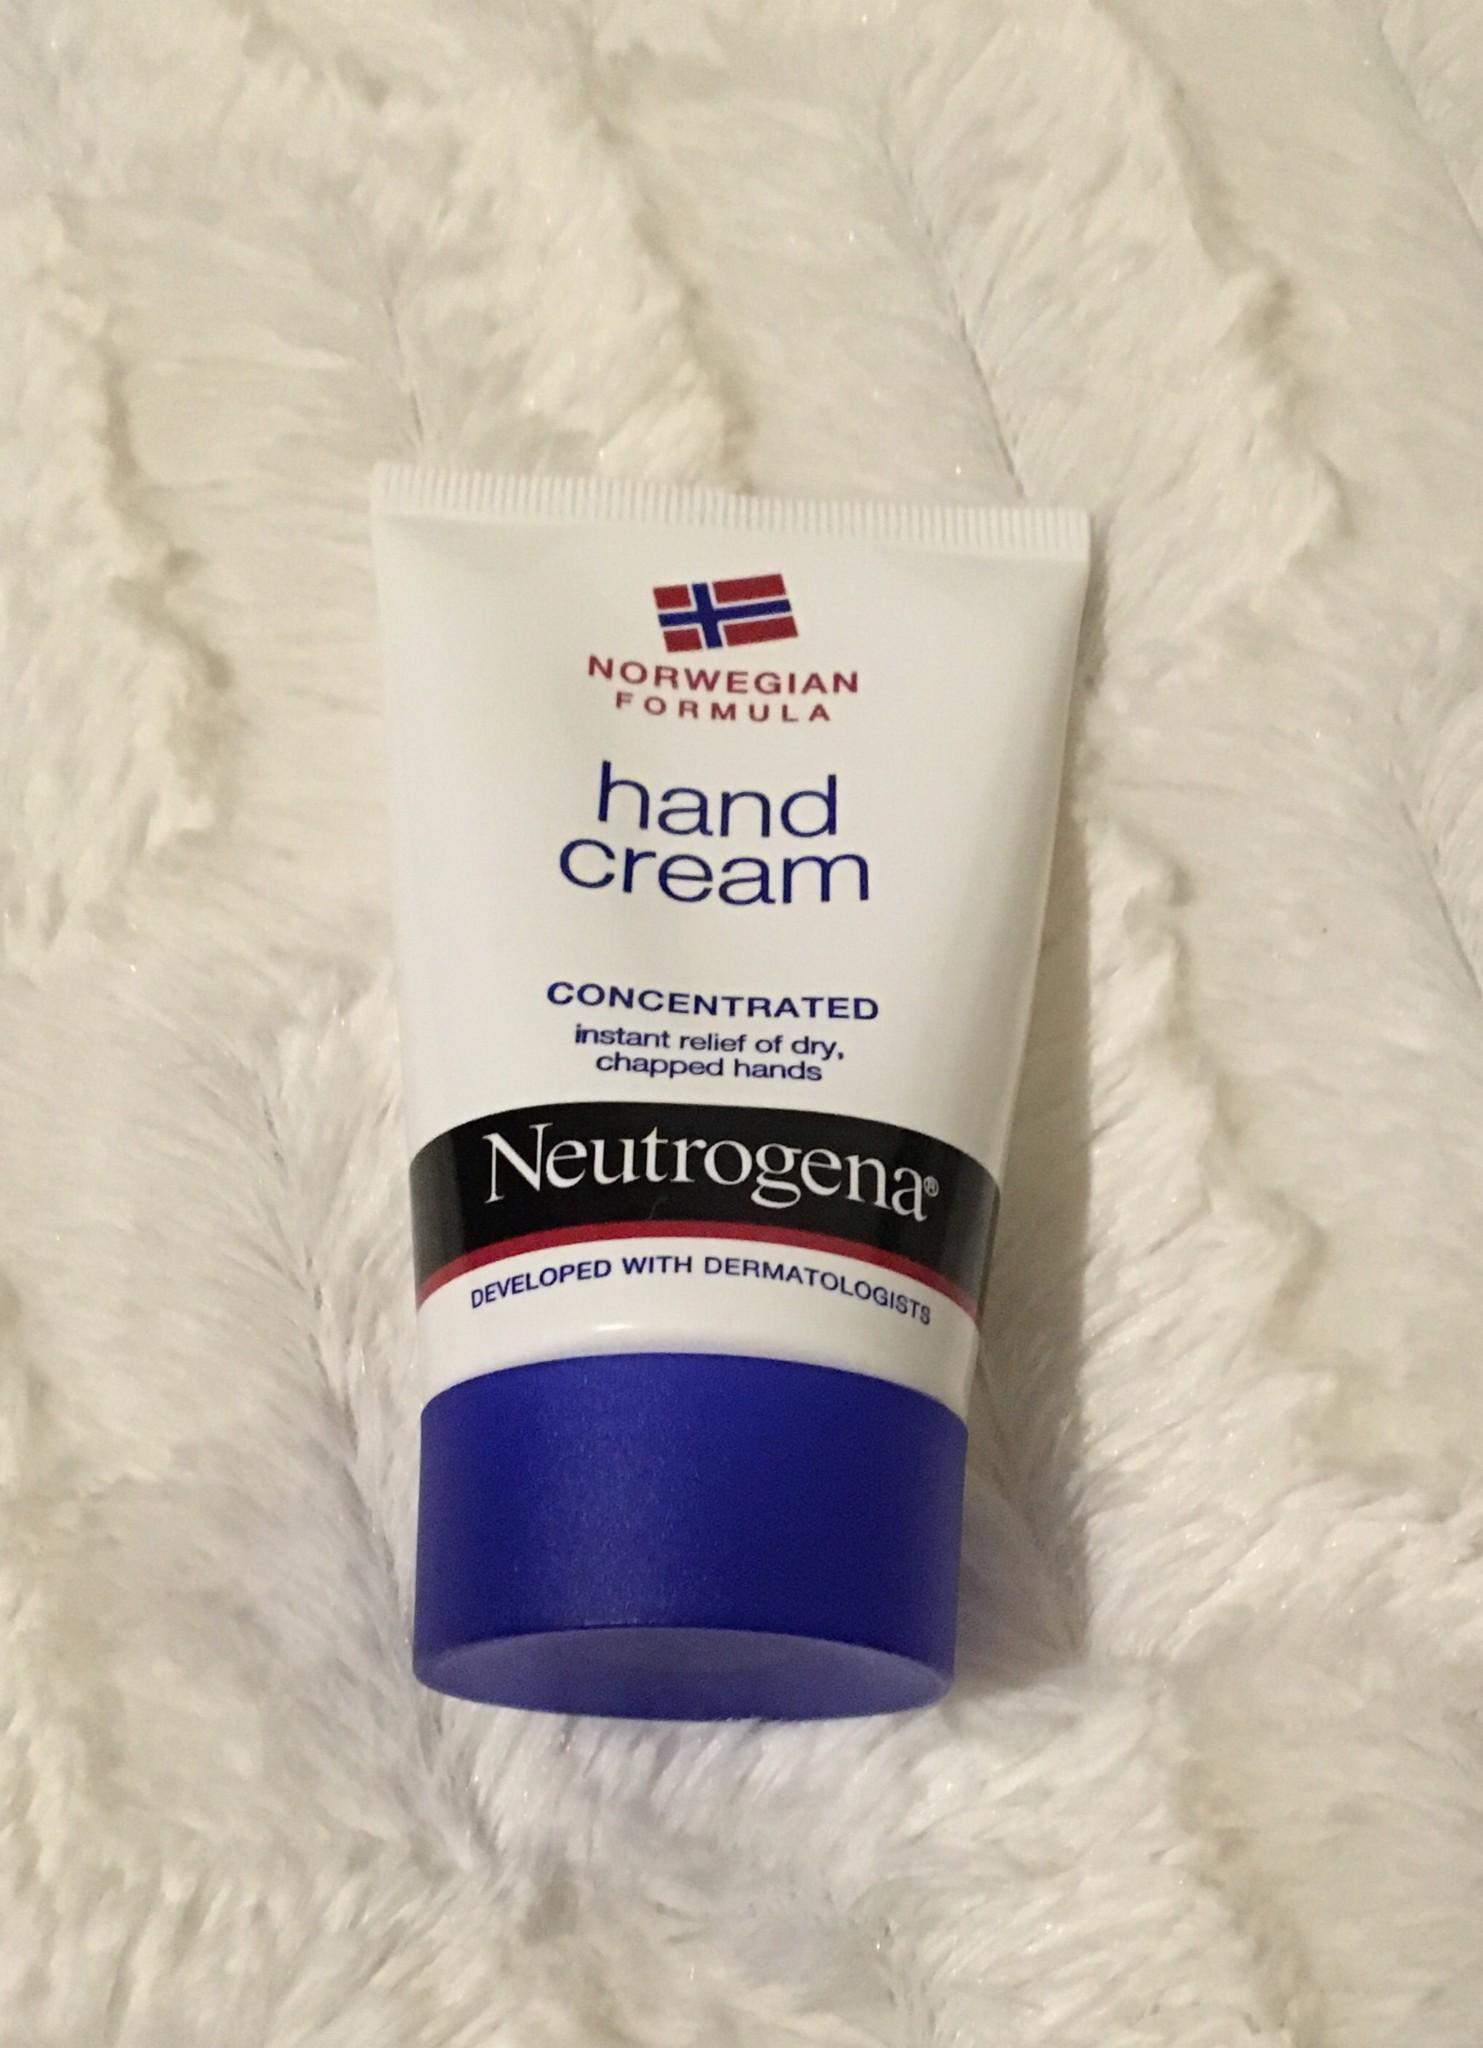 Neutrogena Norweigan Formula